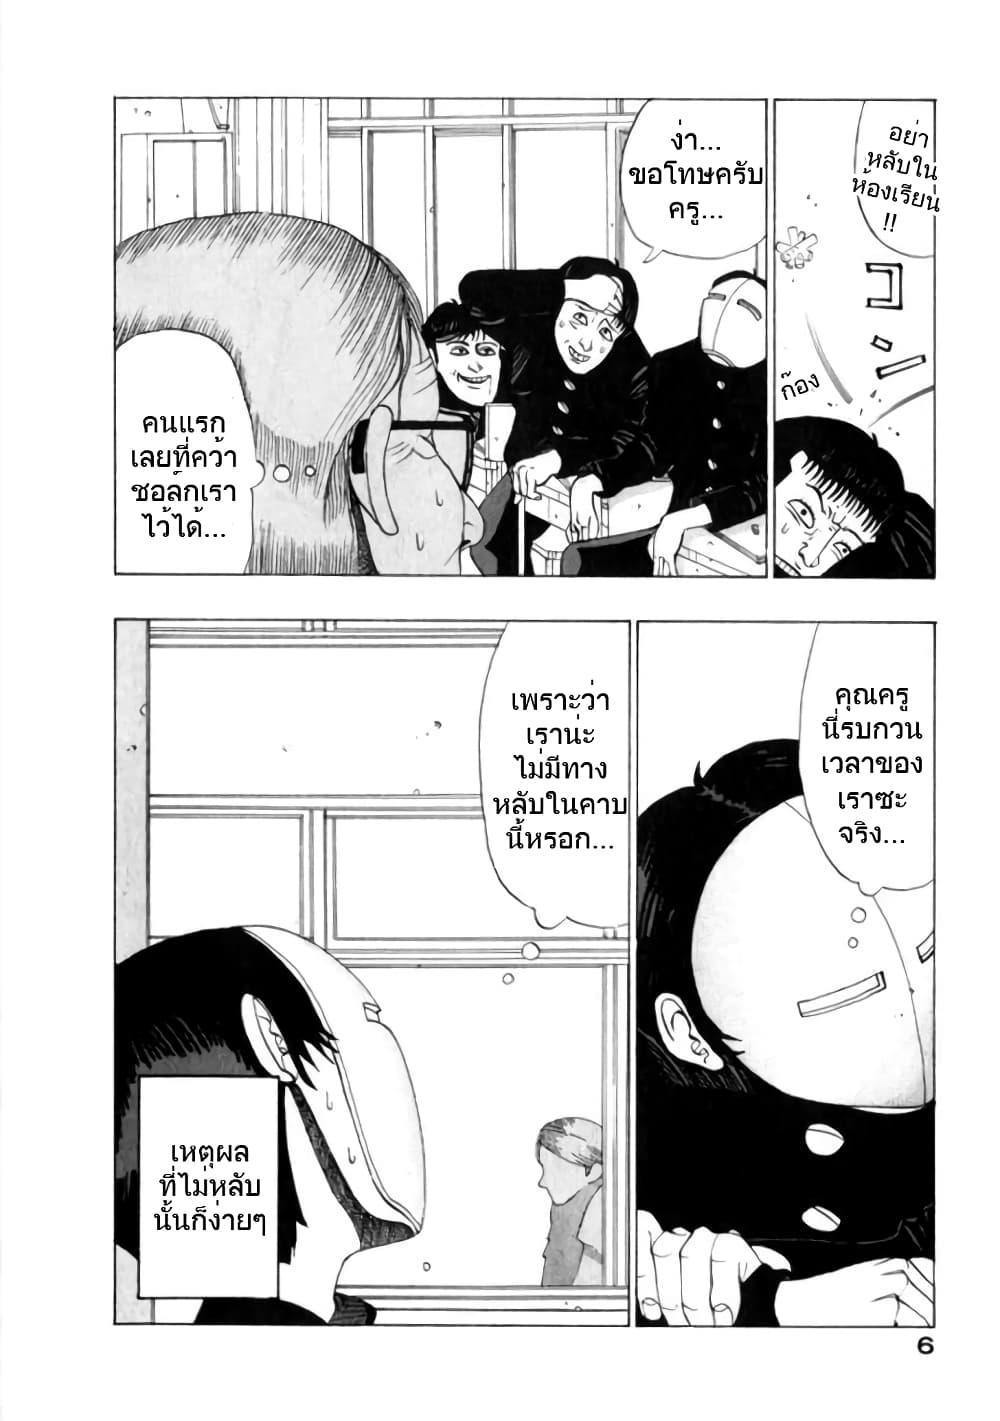 อ่านการ์ตูน Tanikamen ตอนที่ 0 หน้าที่ 7